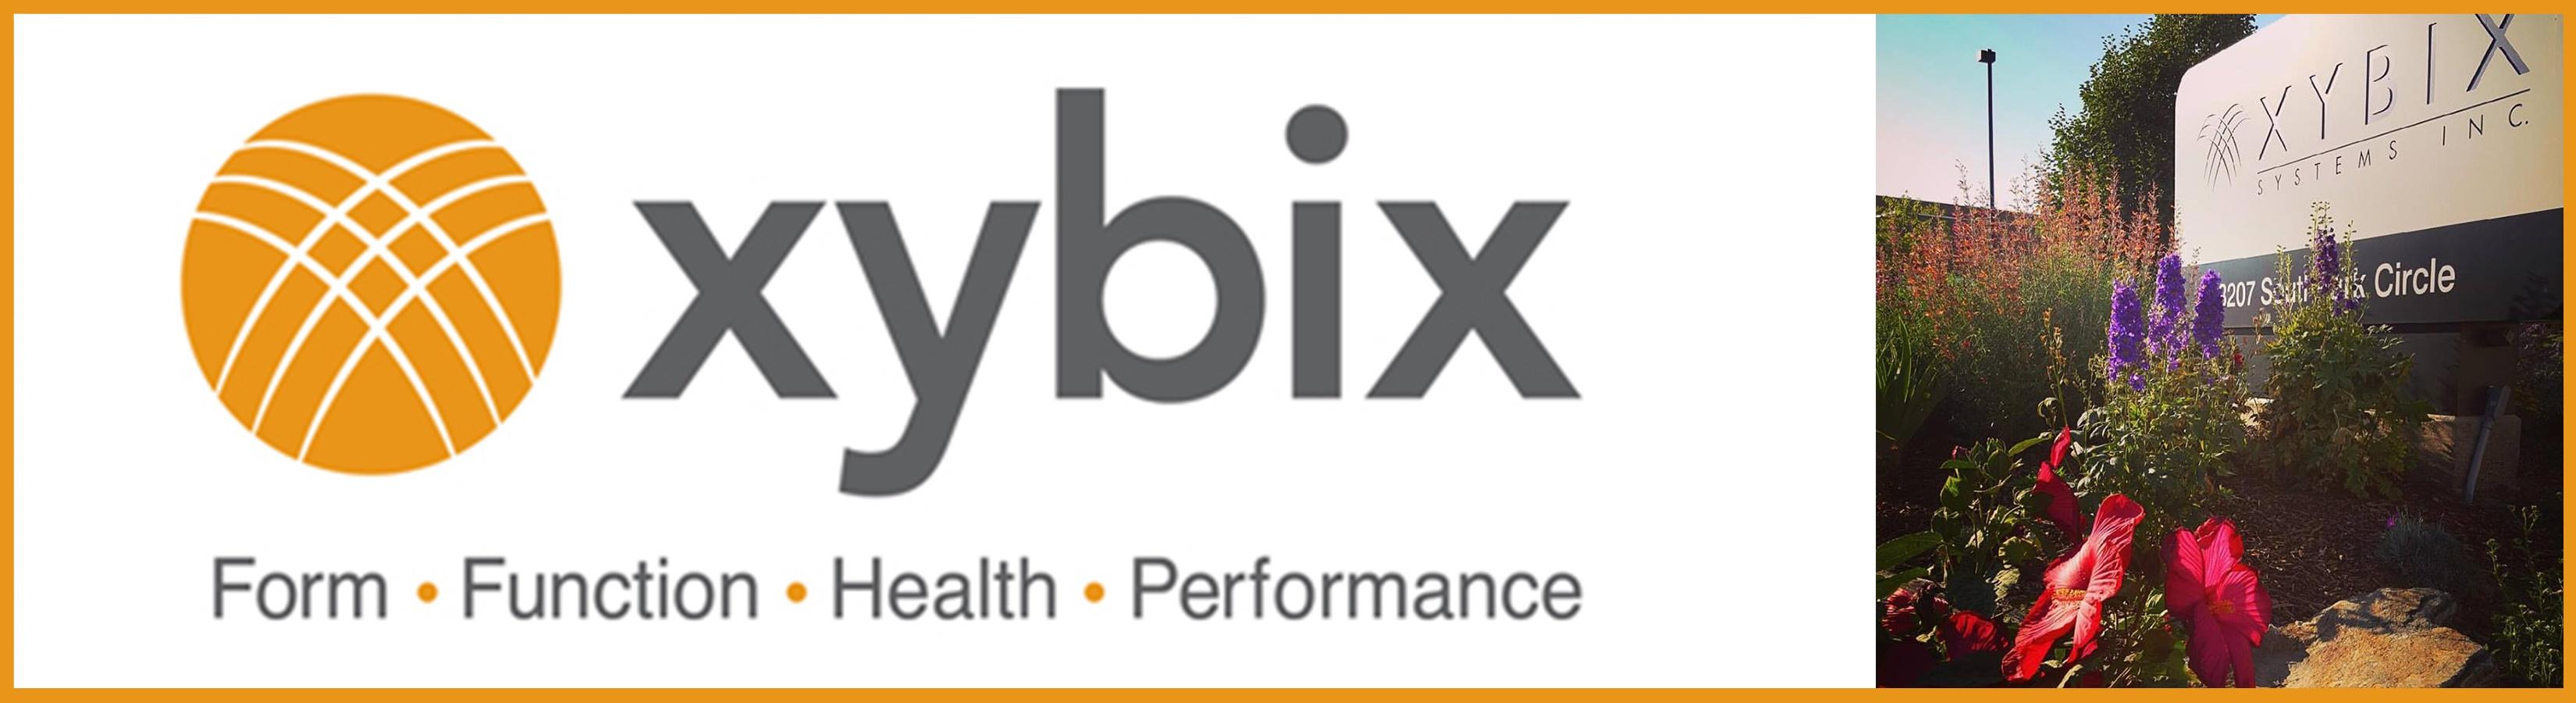 xybix-2.jpg